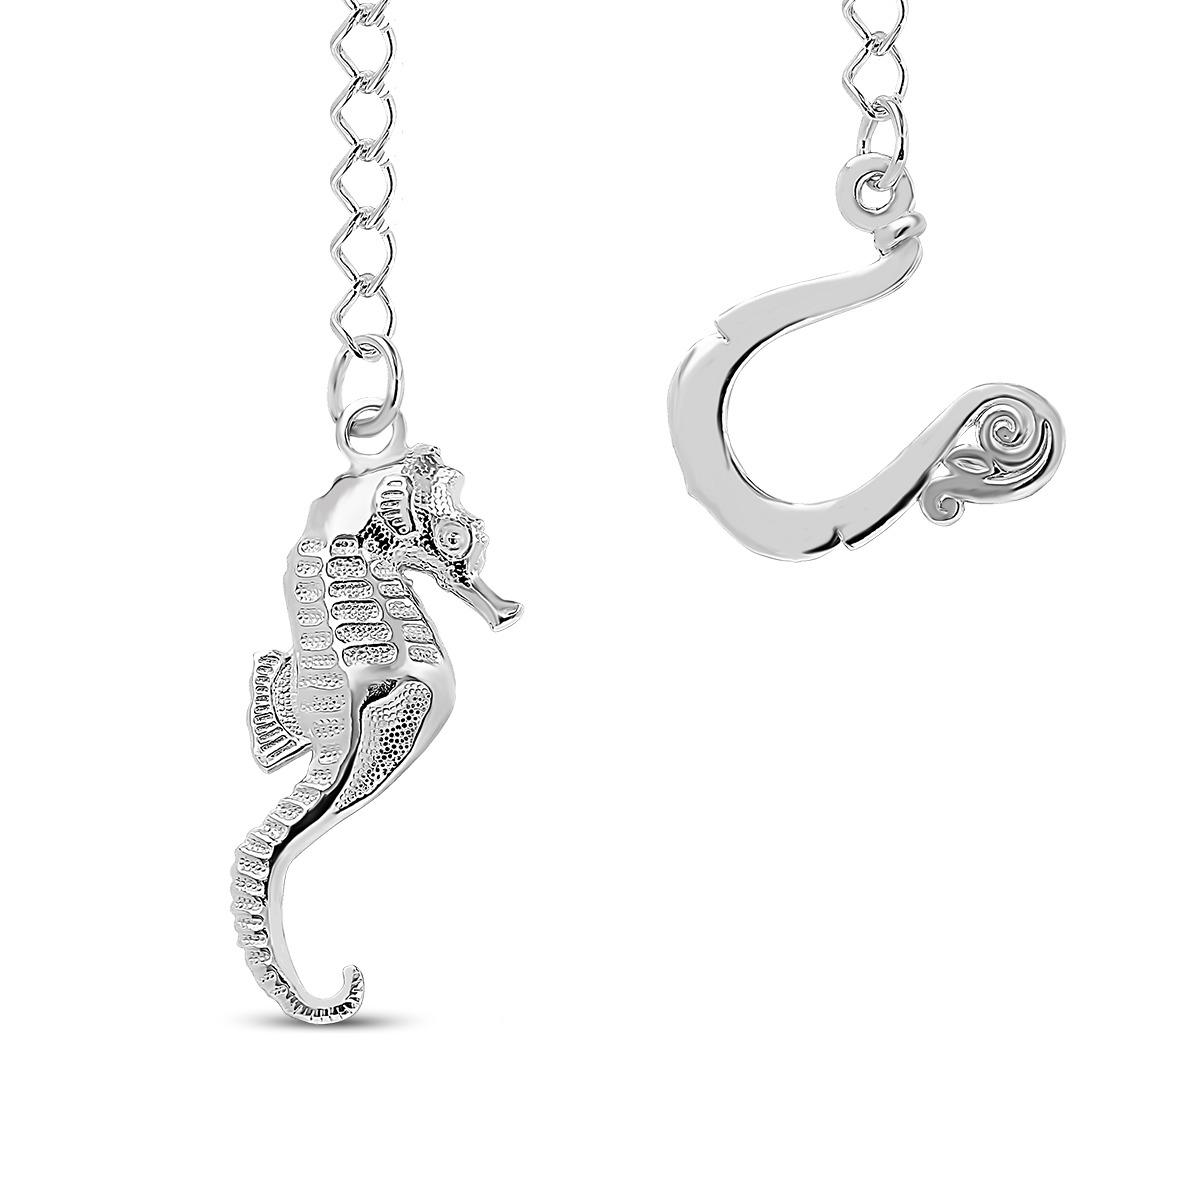 Сувенир ювелирный Серебро России из серебра (9520)